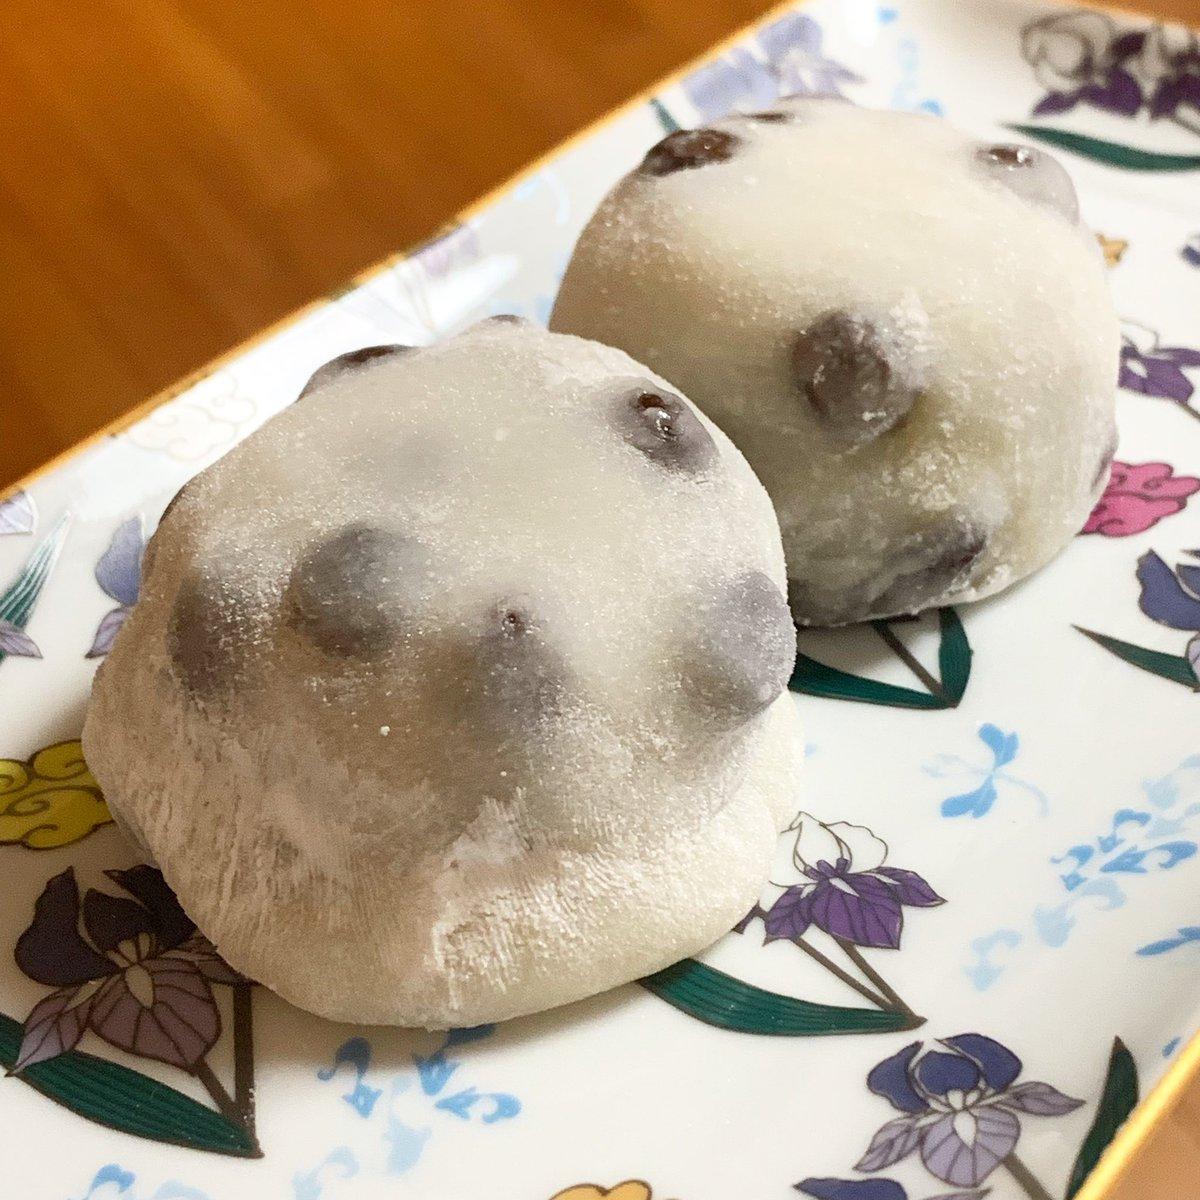 test ツイッターメディア - 出町ふたばの豆餅。 せっかく京都まで行ったので買ってきました。 控えめの甘さと程よい塩味の豆のアクセントがたまらない☻  マイベスト豆大福。  #出町ふたば #豆大福 #豆餅 #京都 #ナゴレコ #名古屋インスタ交流会 https://t.co/vas8ycz7cY